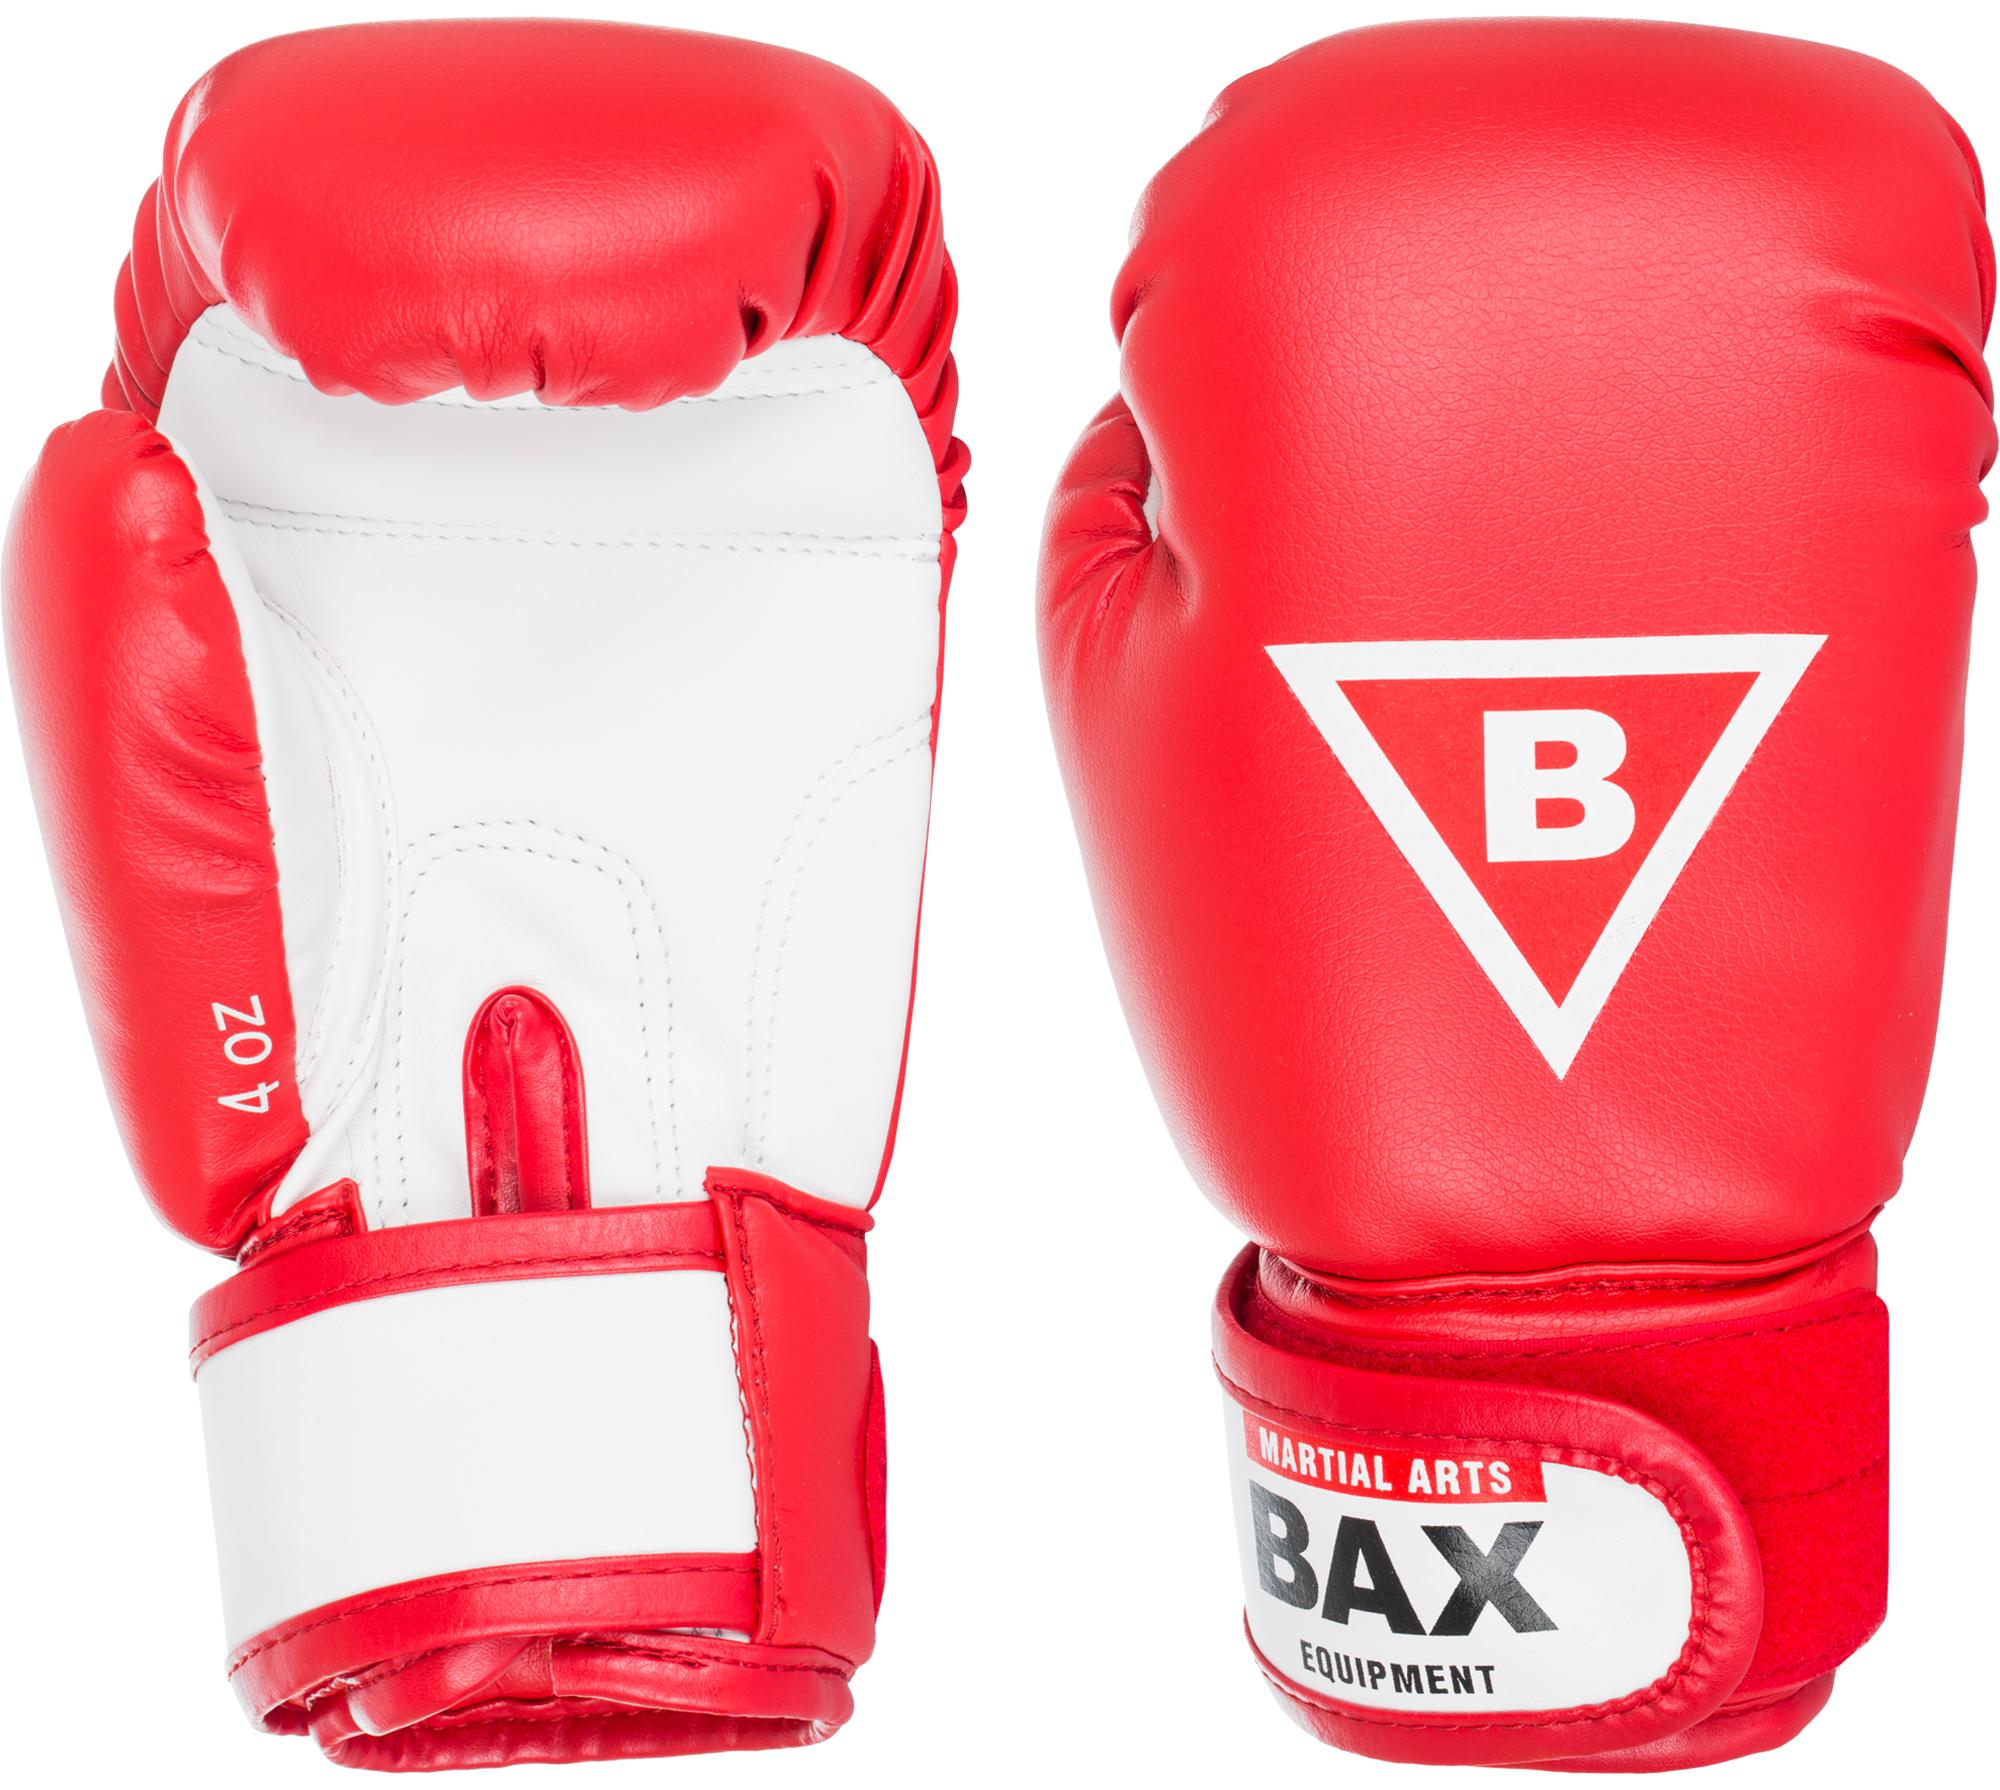 Bax Перчатки боксерские детские BAX, размер 4 oz боксерские перчатки venum challenger 2 0 черный красный вес 16 унций